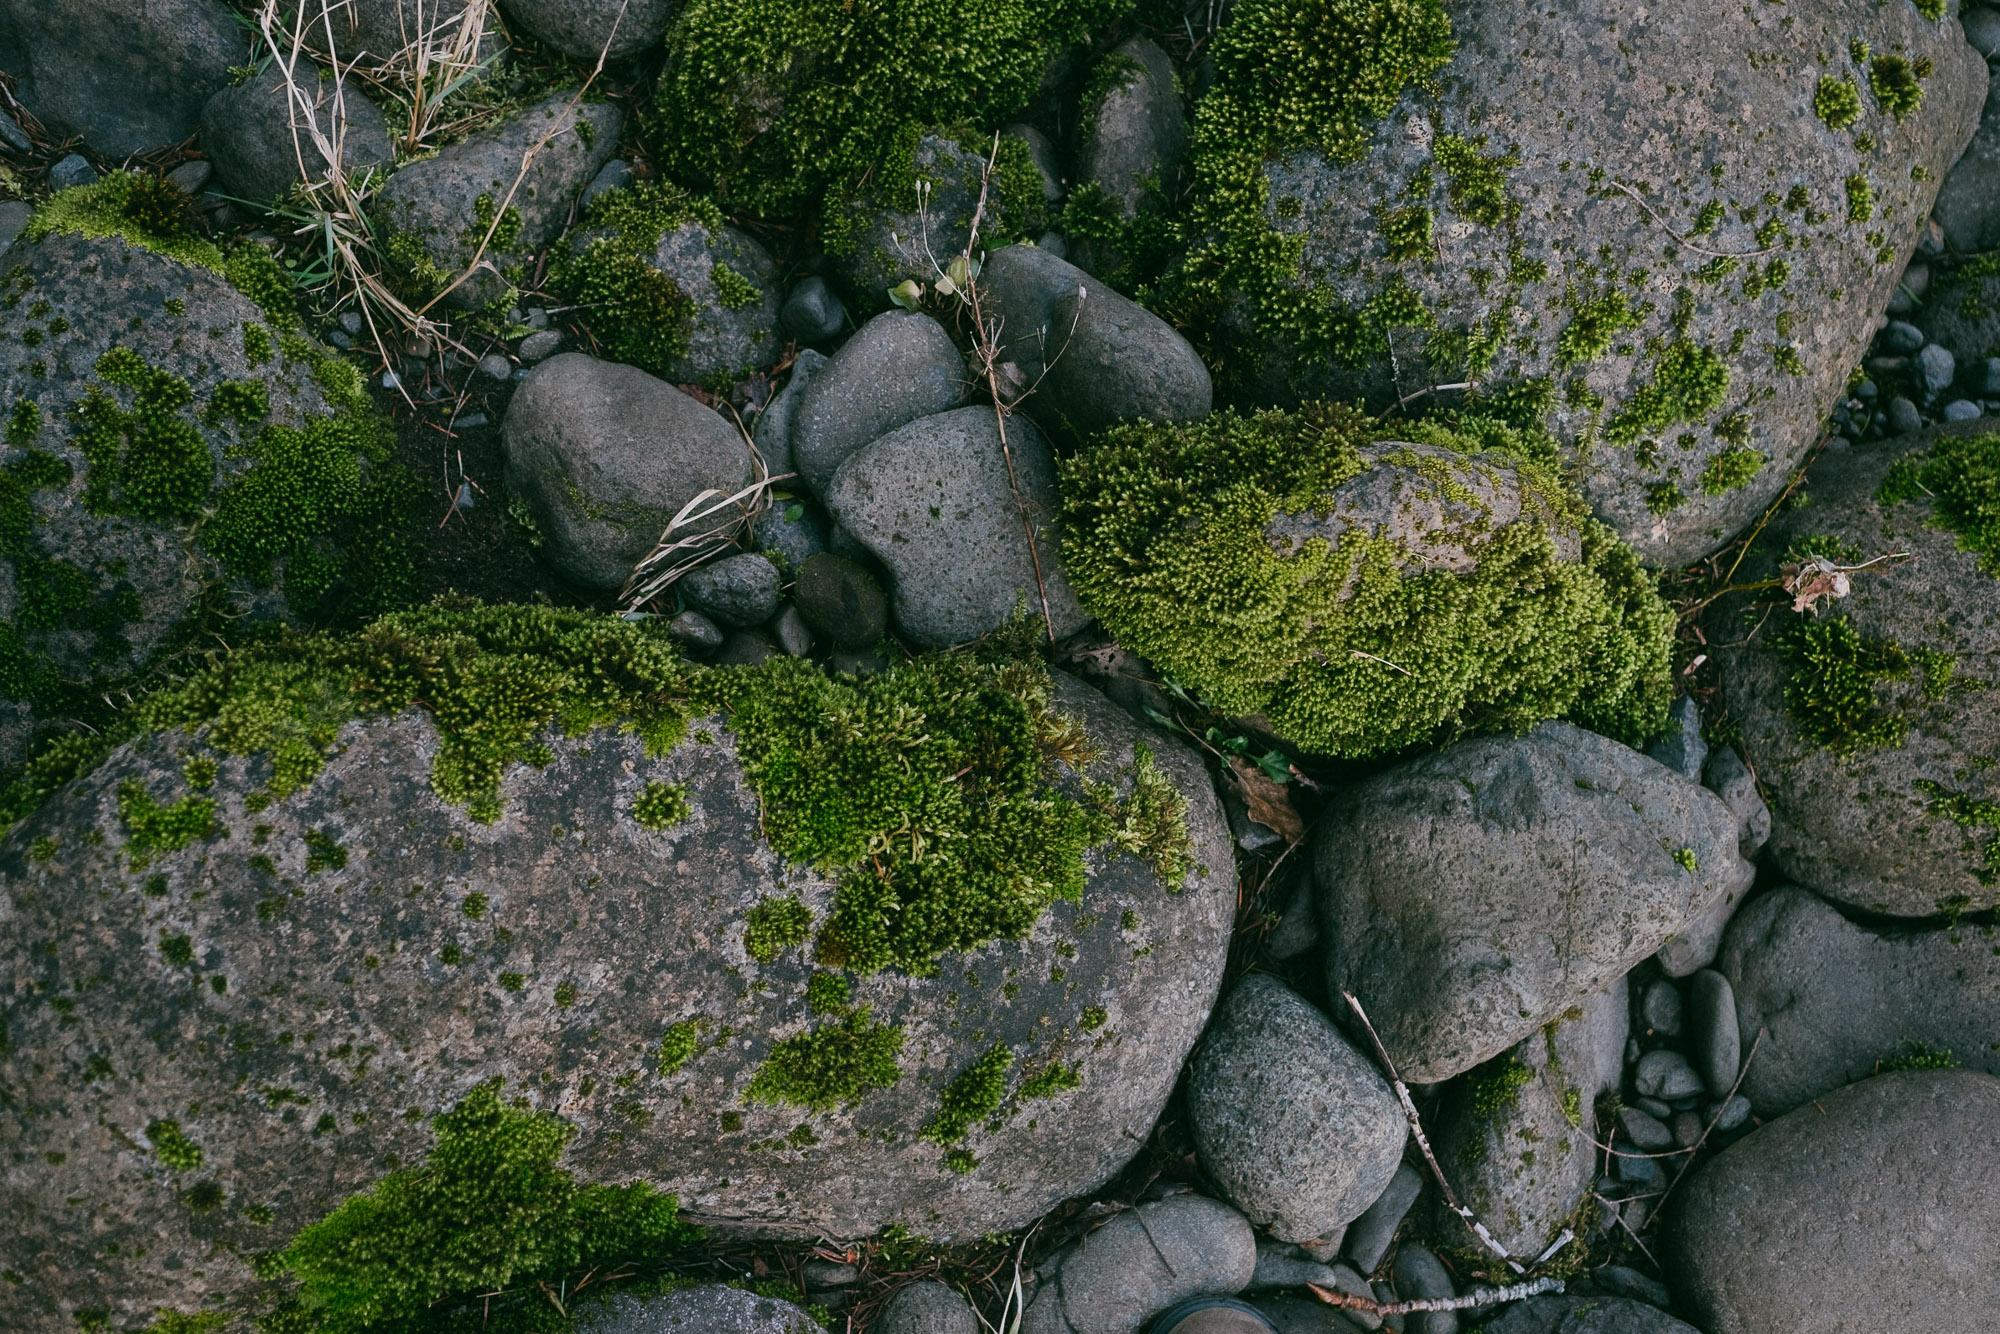 mossy-rocks-portland-oregon